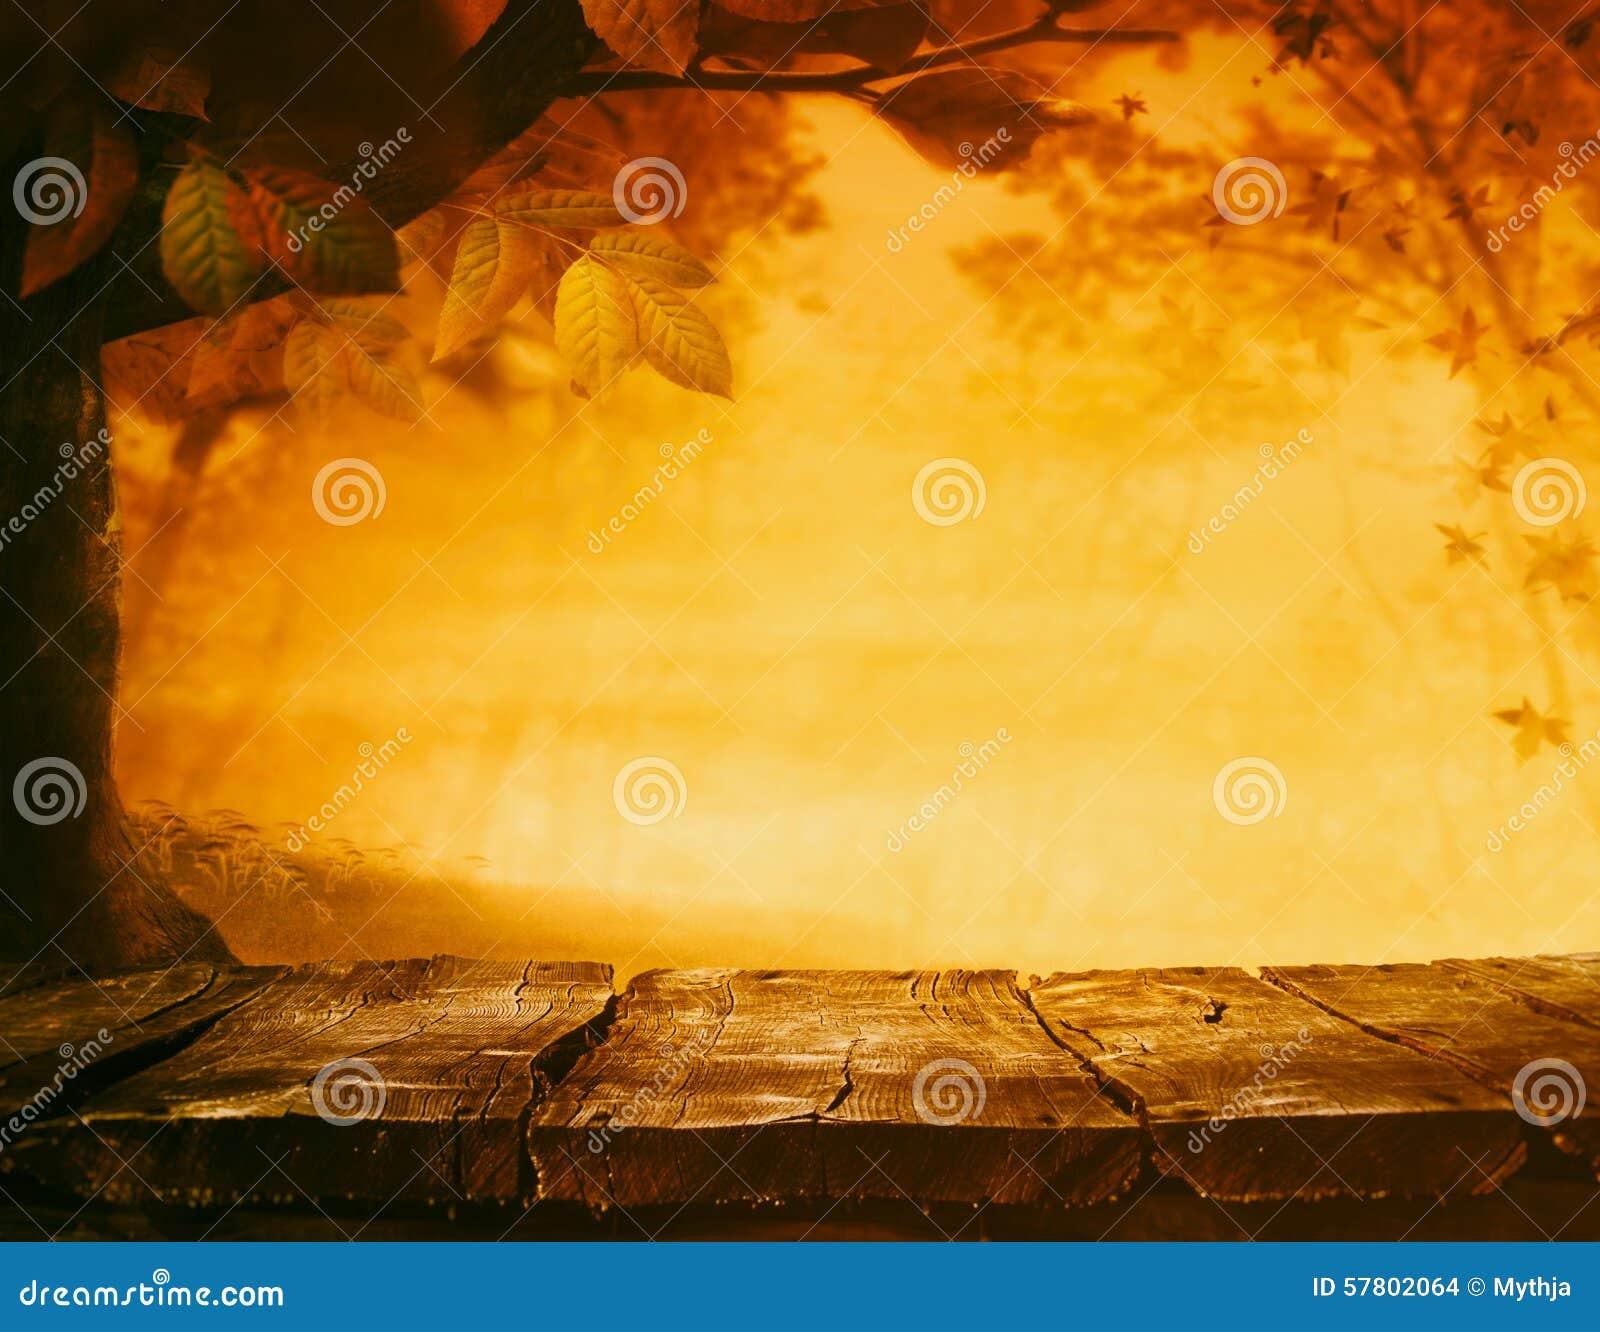 Autumn Background Stock Photo Image 57802064